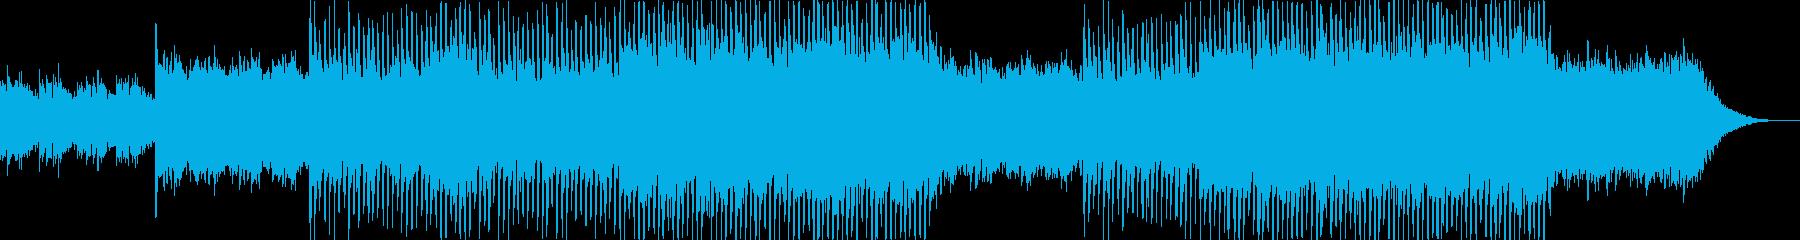 EDM、明るい躍動感、未来、希望-06の再生済みの波形